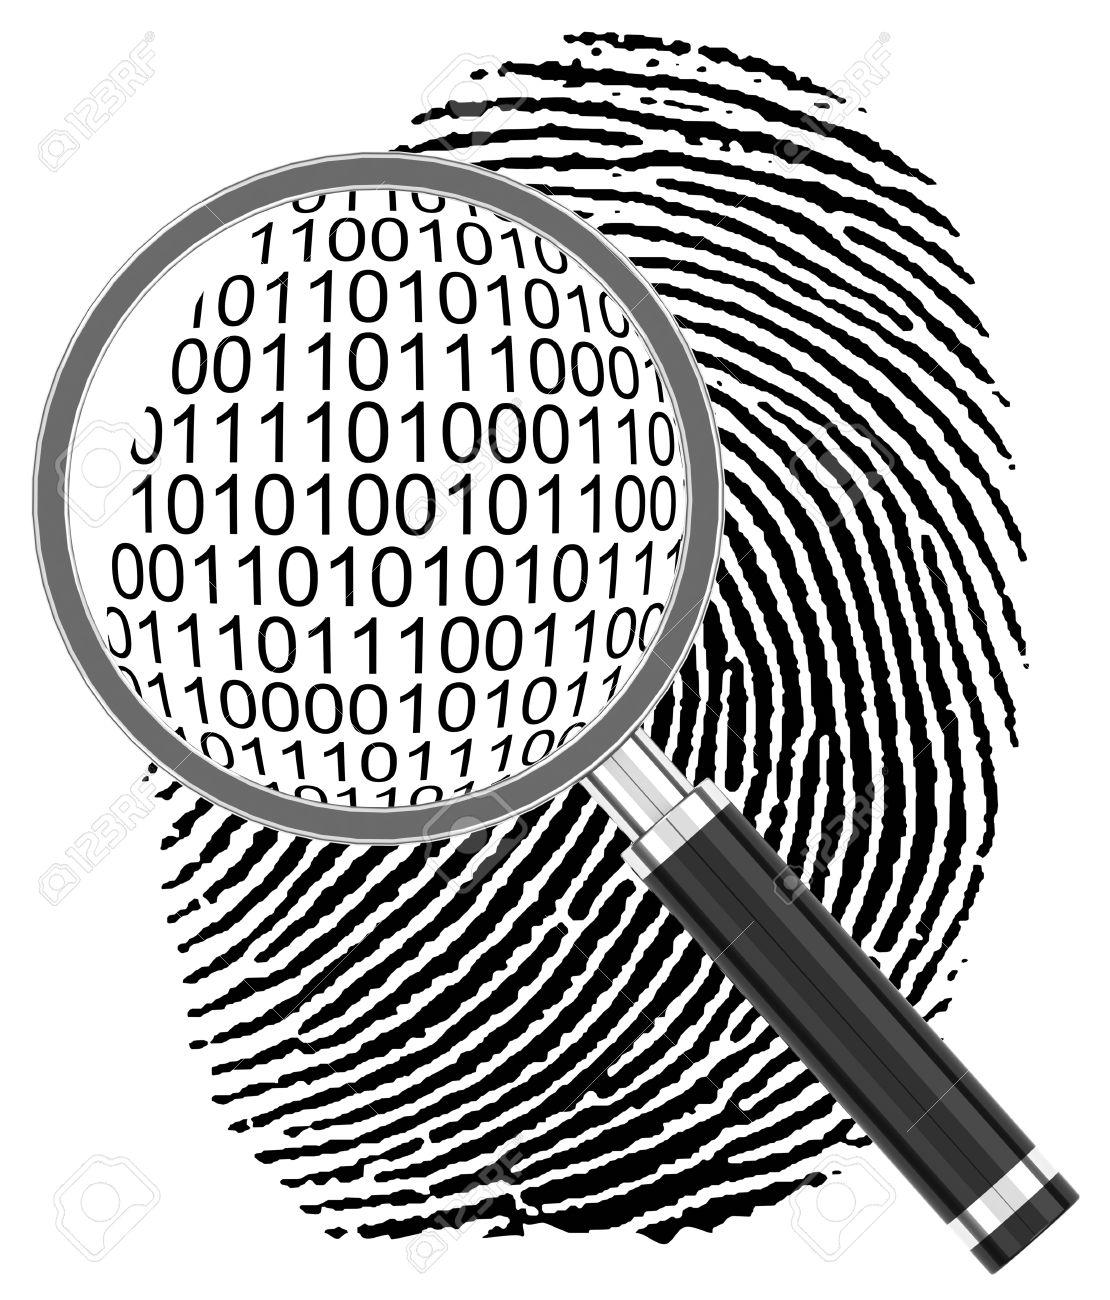 the digital fingerprint - 30806885